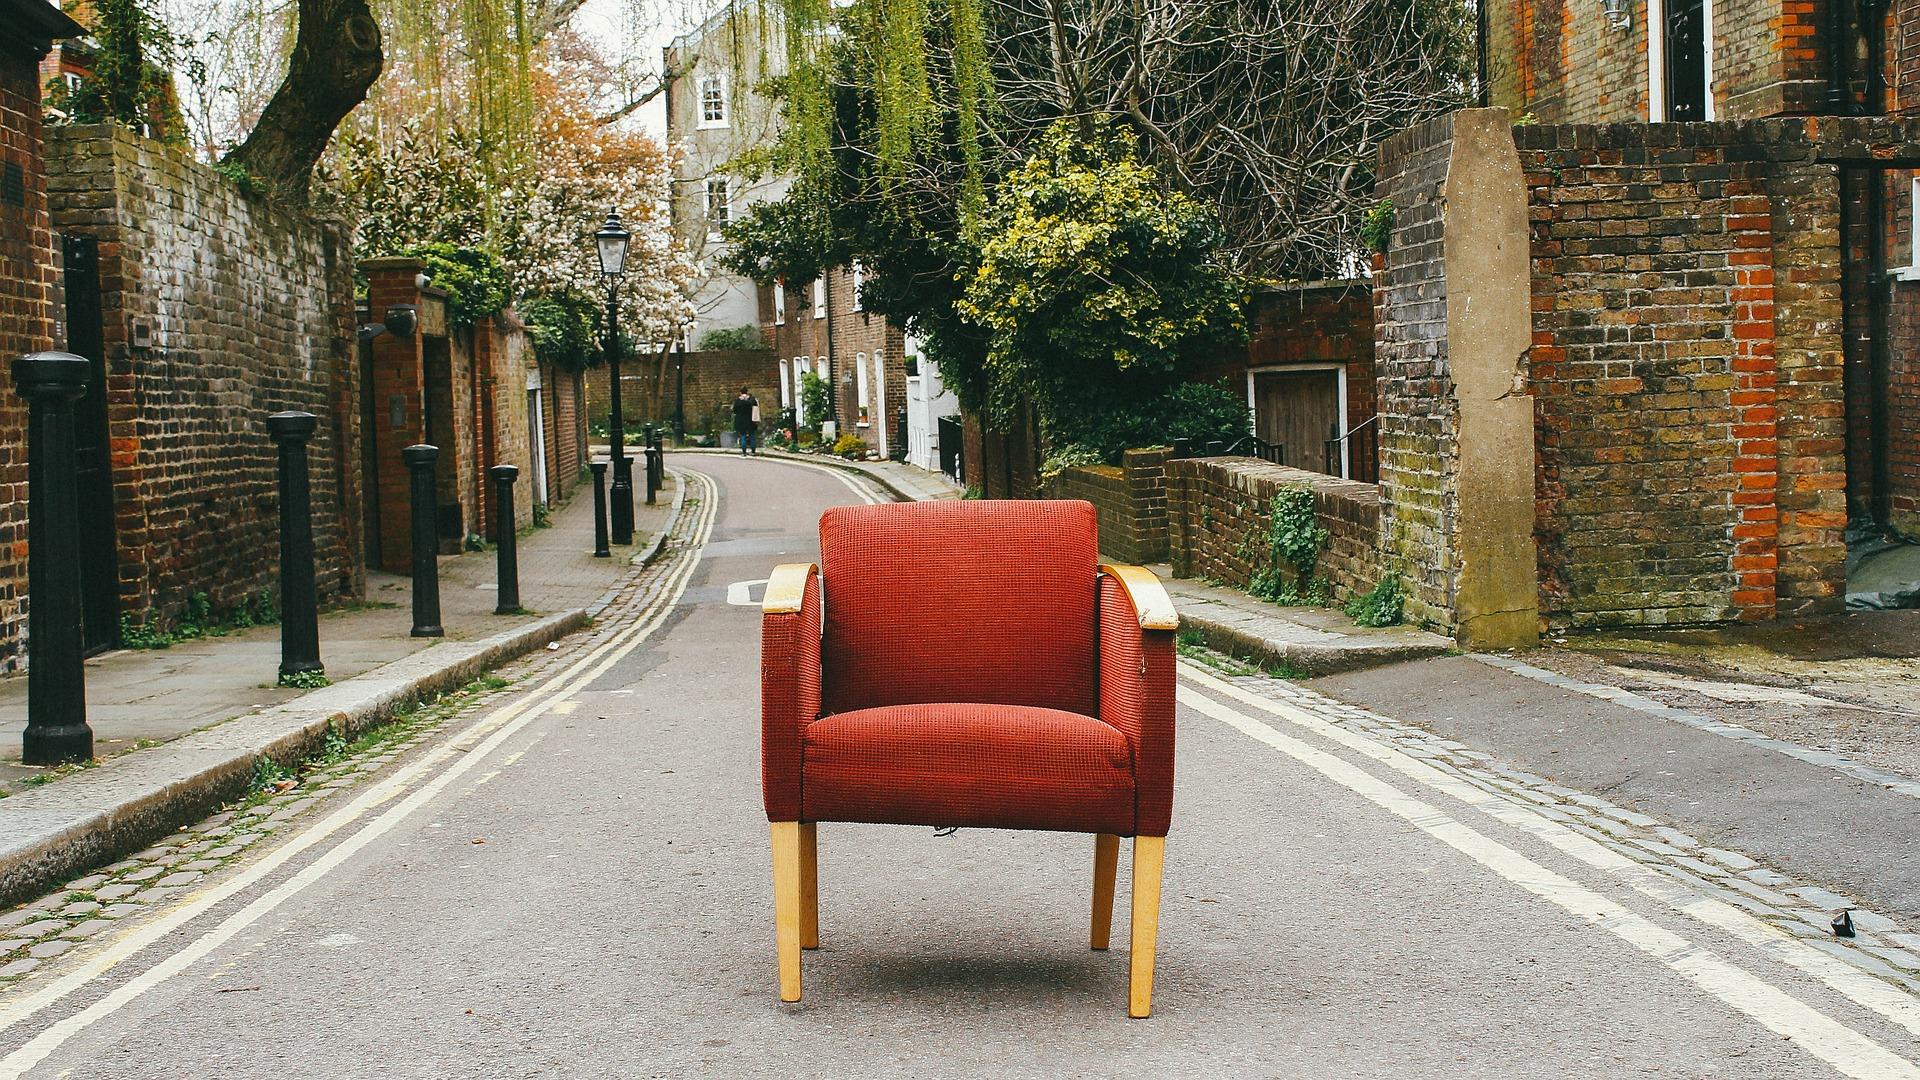 Auch bei der Einrichtung des Wohnzimmers kommt etwa dem Sessel eine große Bedeutung zu. Foto Pexels via pixabay